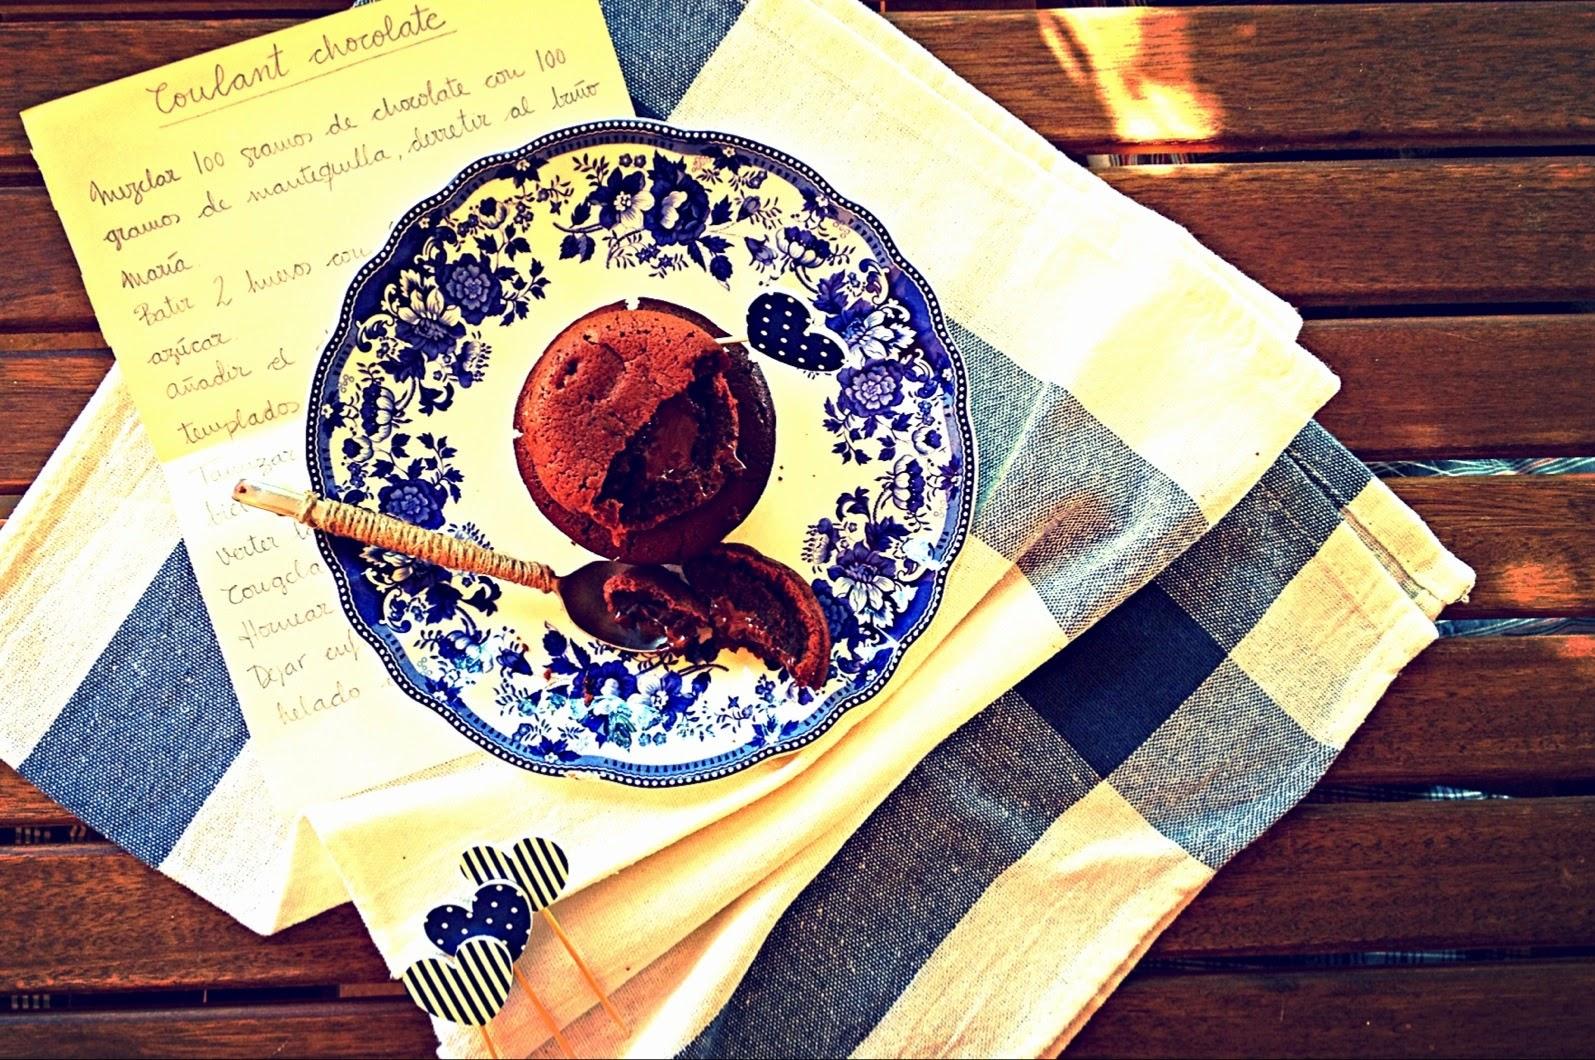 Coulant, mon coeur de chocolat